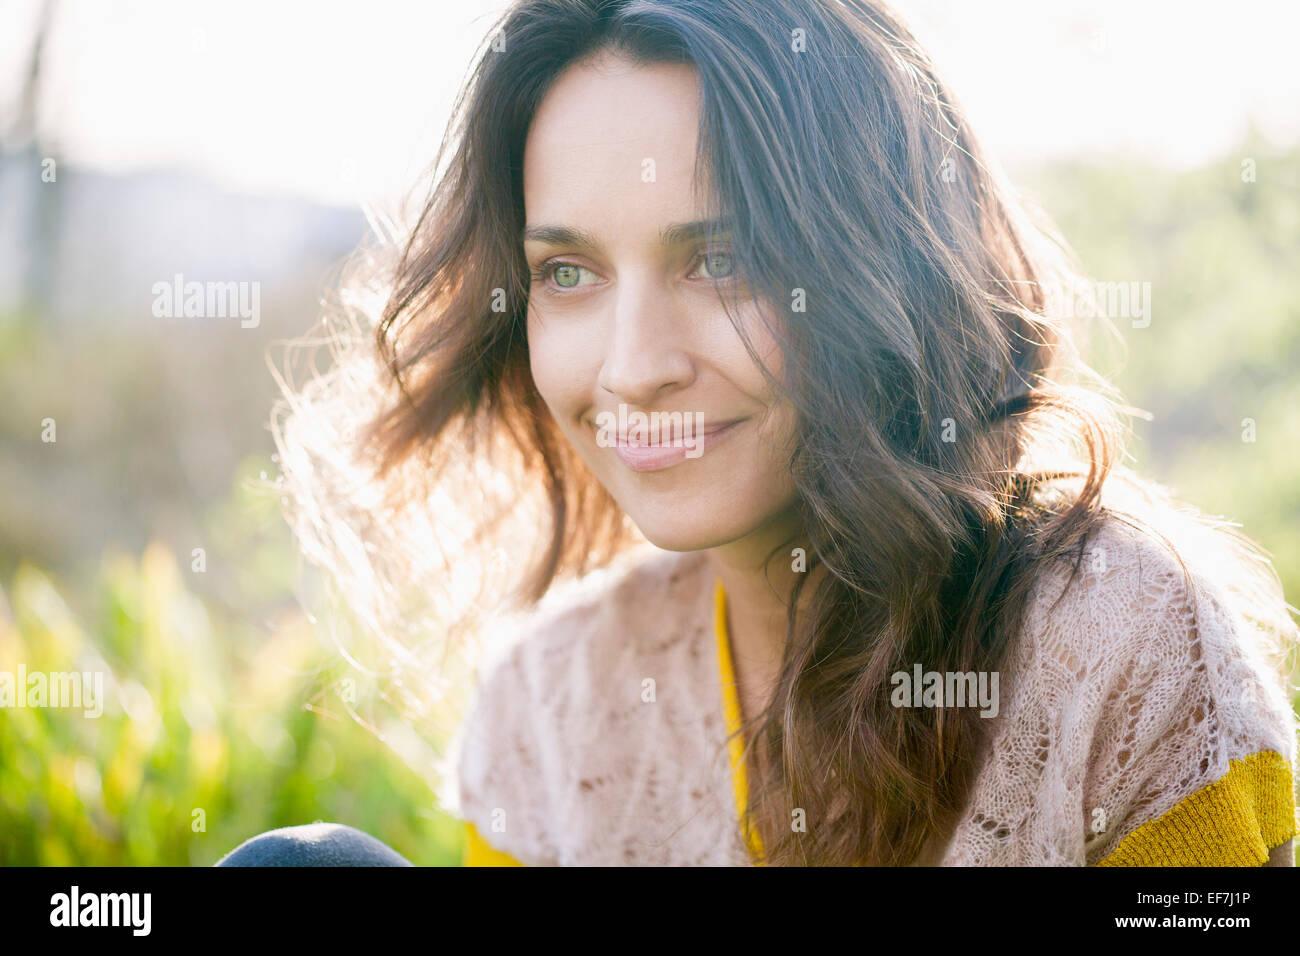 Schöne Frau, Lächeln Stockbild